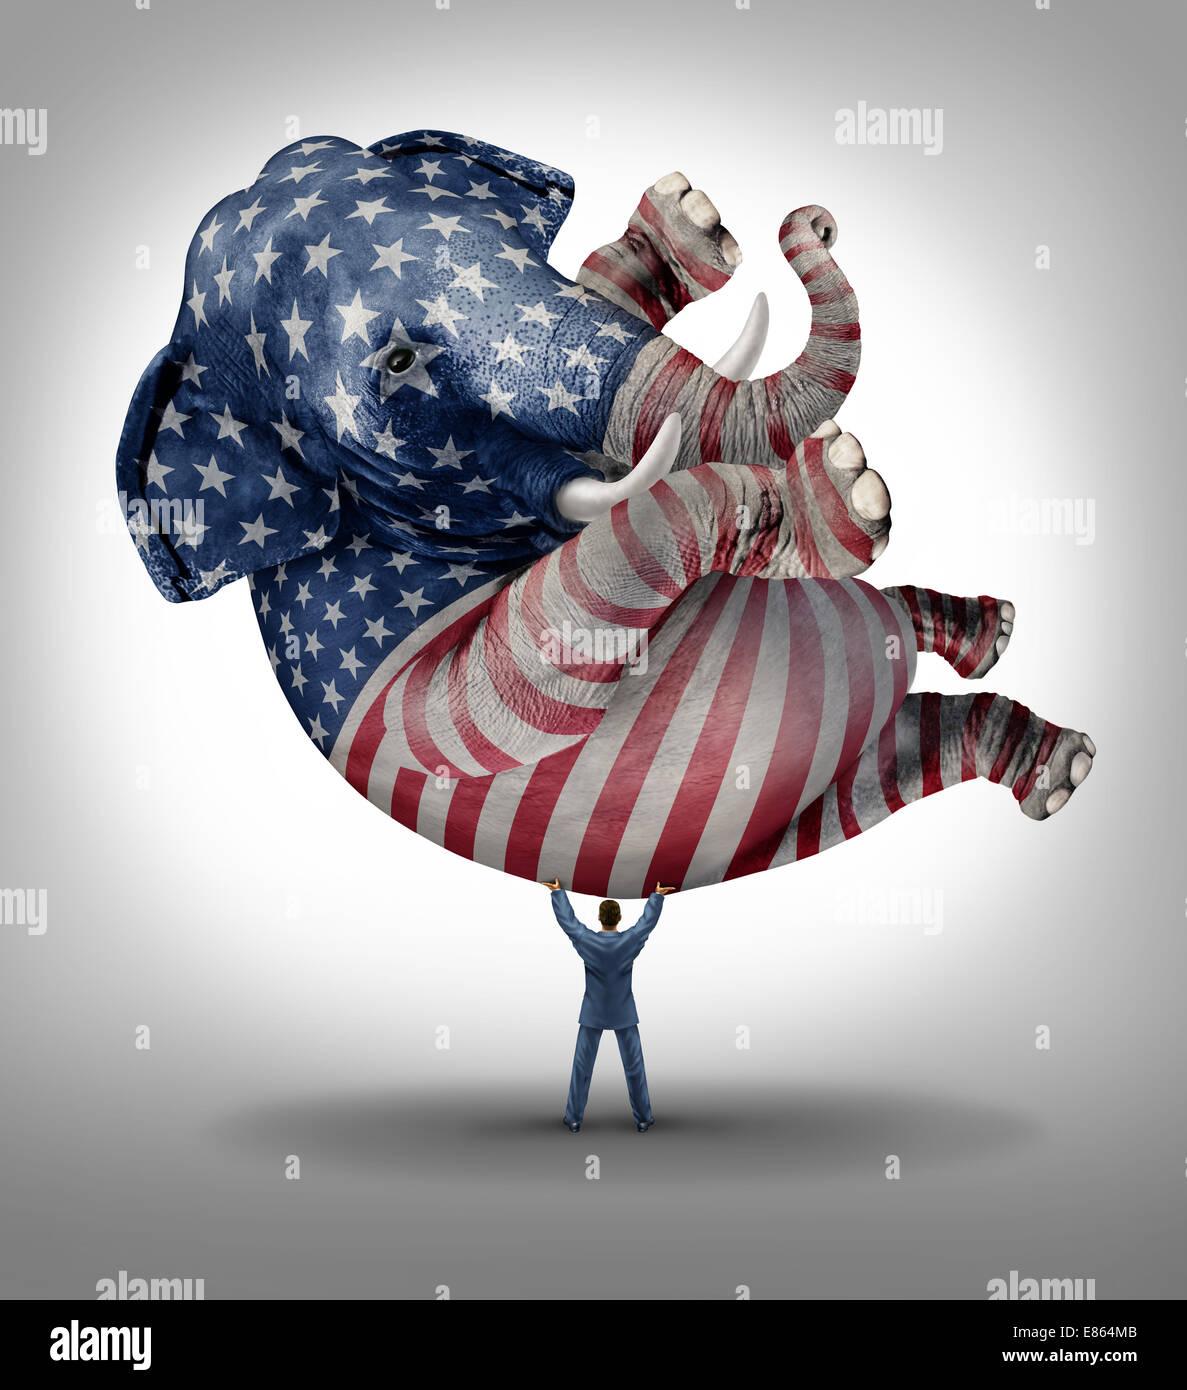 Voto republicano estadounidense elección símbolo de liderazgo como un elefante pintado con una bandera Imagen De Stock